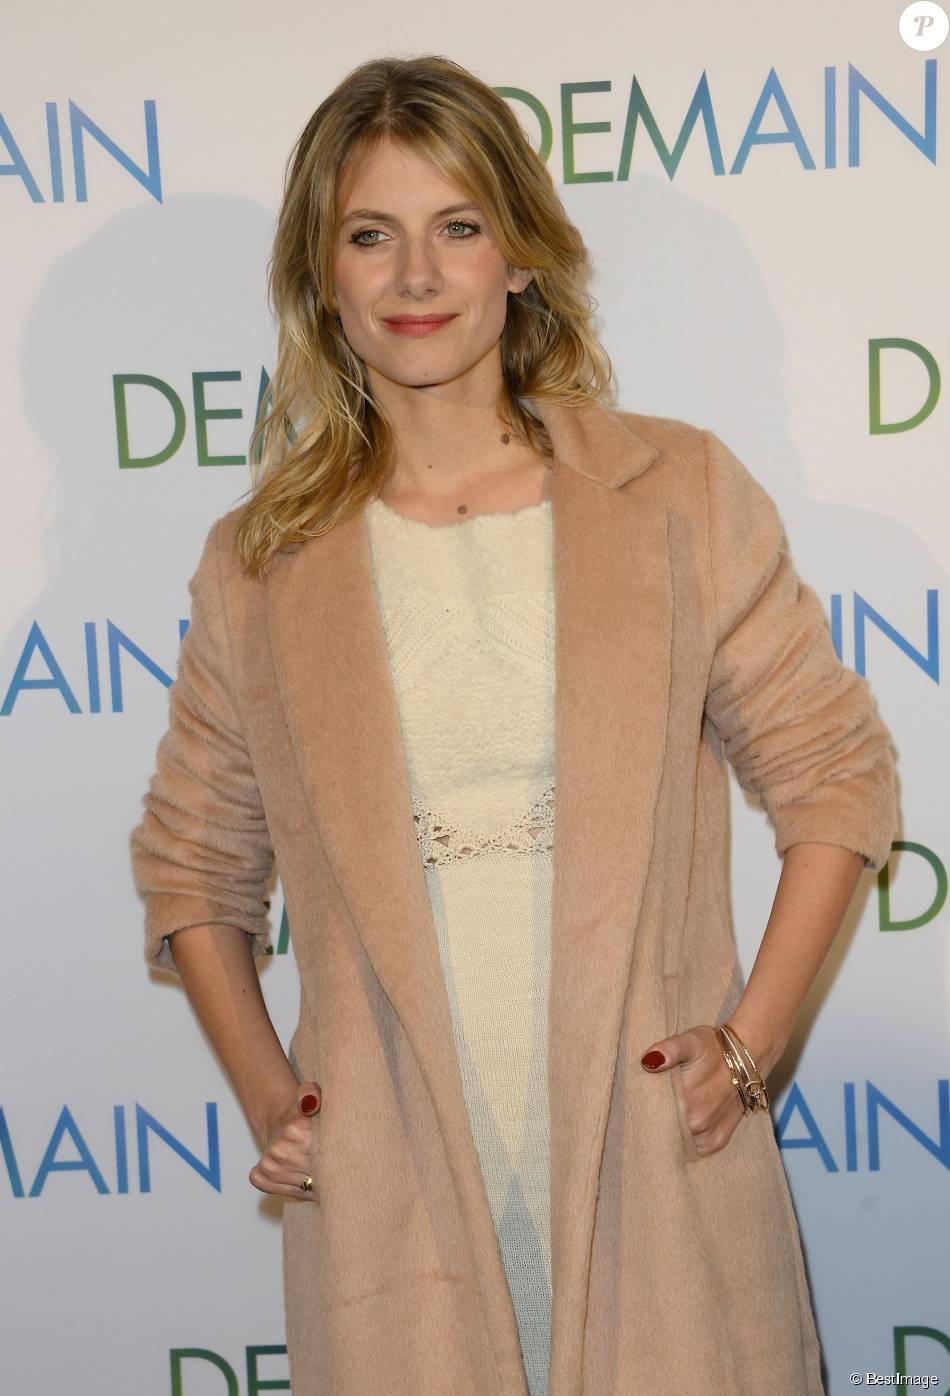 """Mélanie Laurent - Avant première du film """"Demain"""" au cinéma UGC Normandie à Paris, le 1er décembre 2015."""